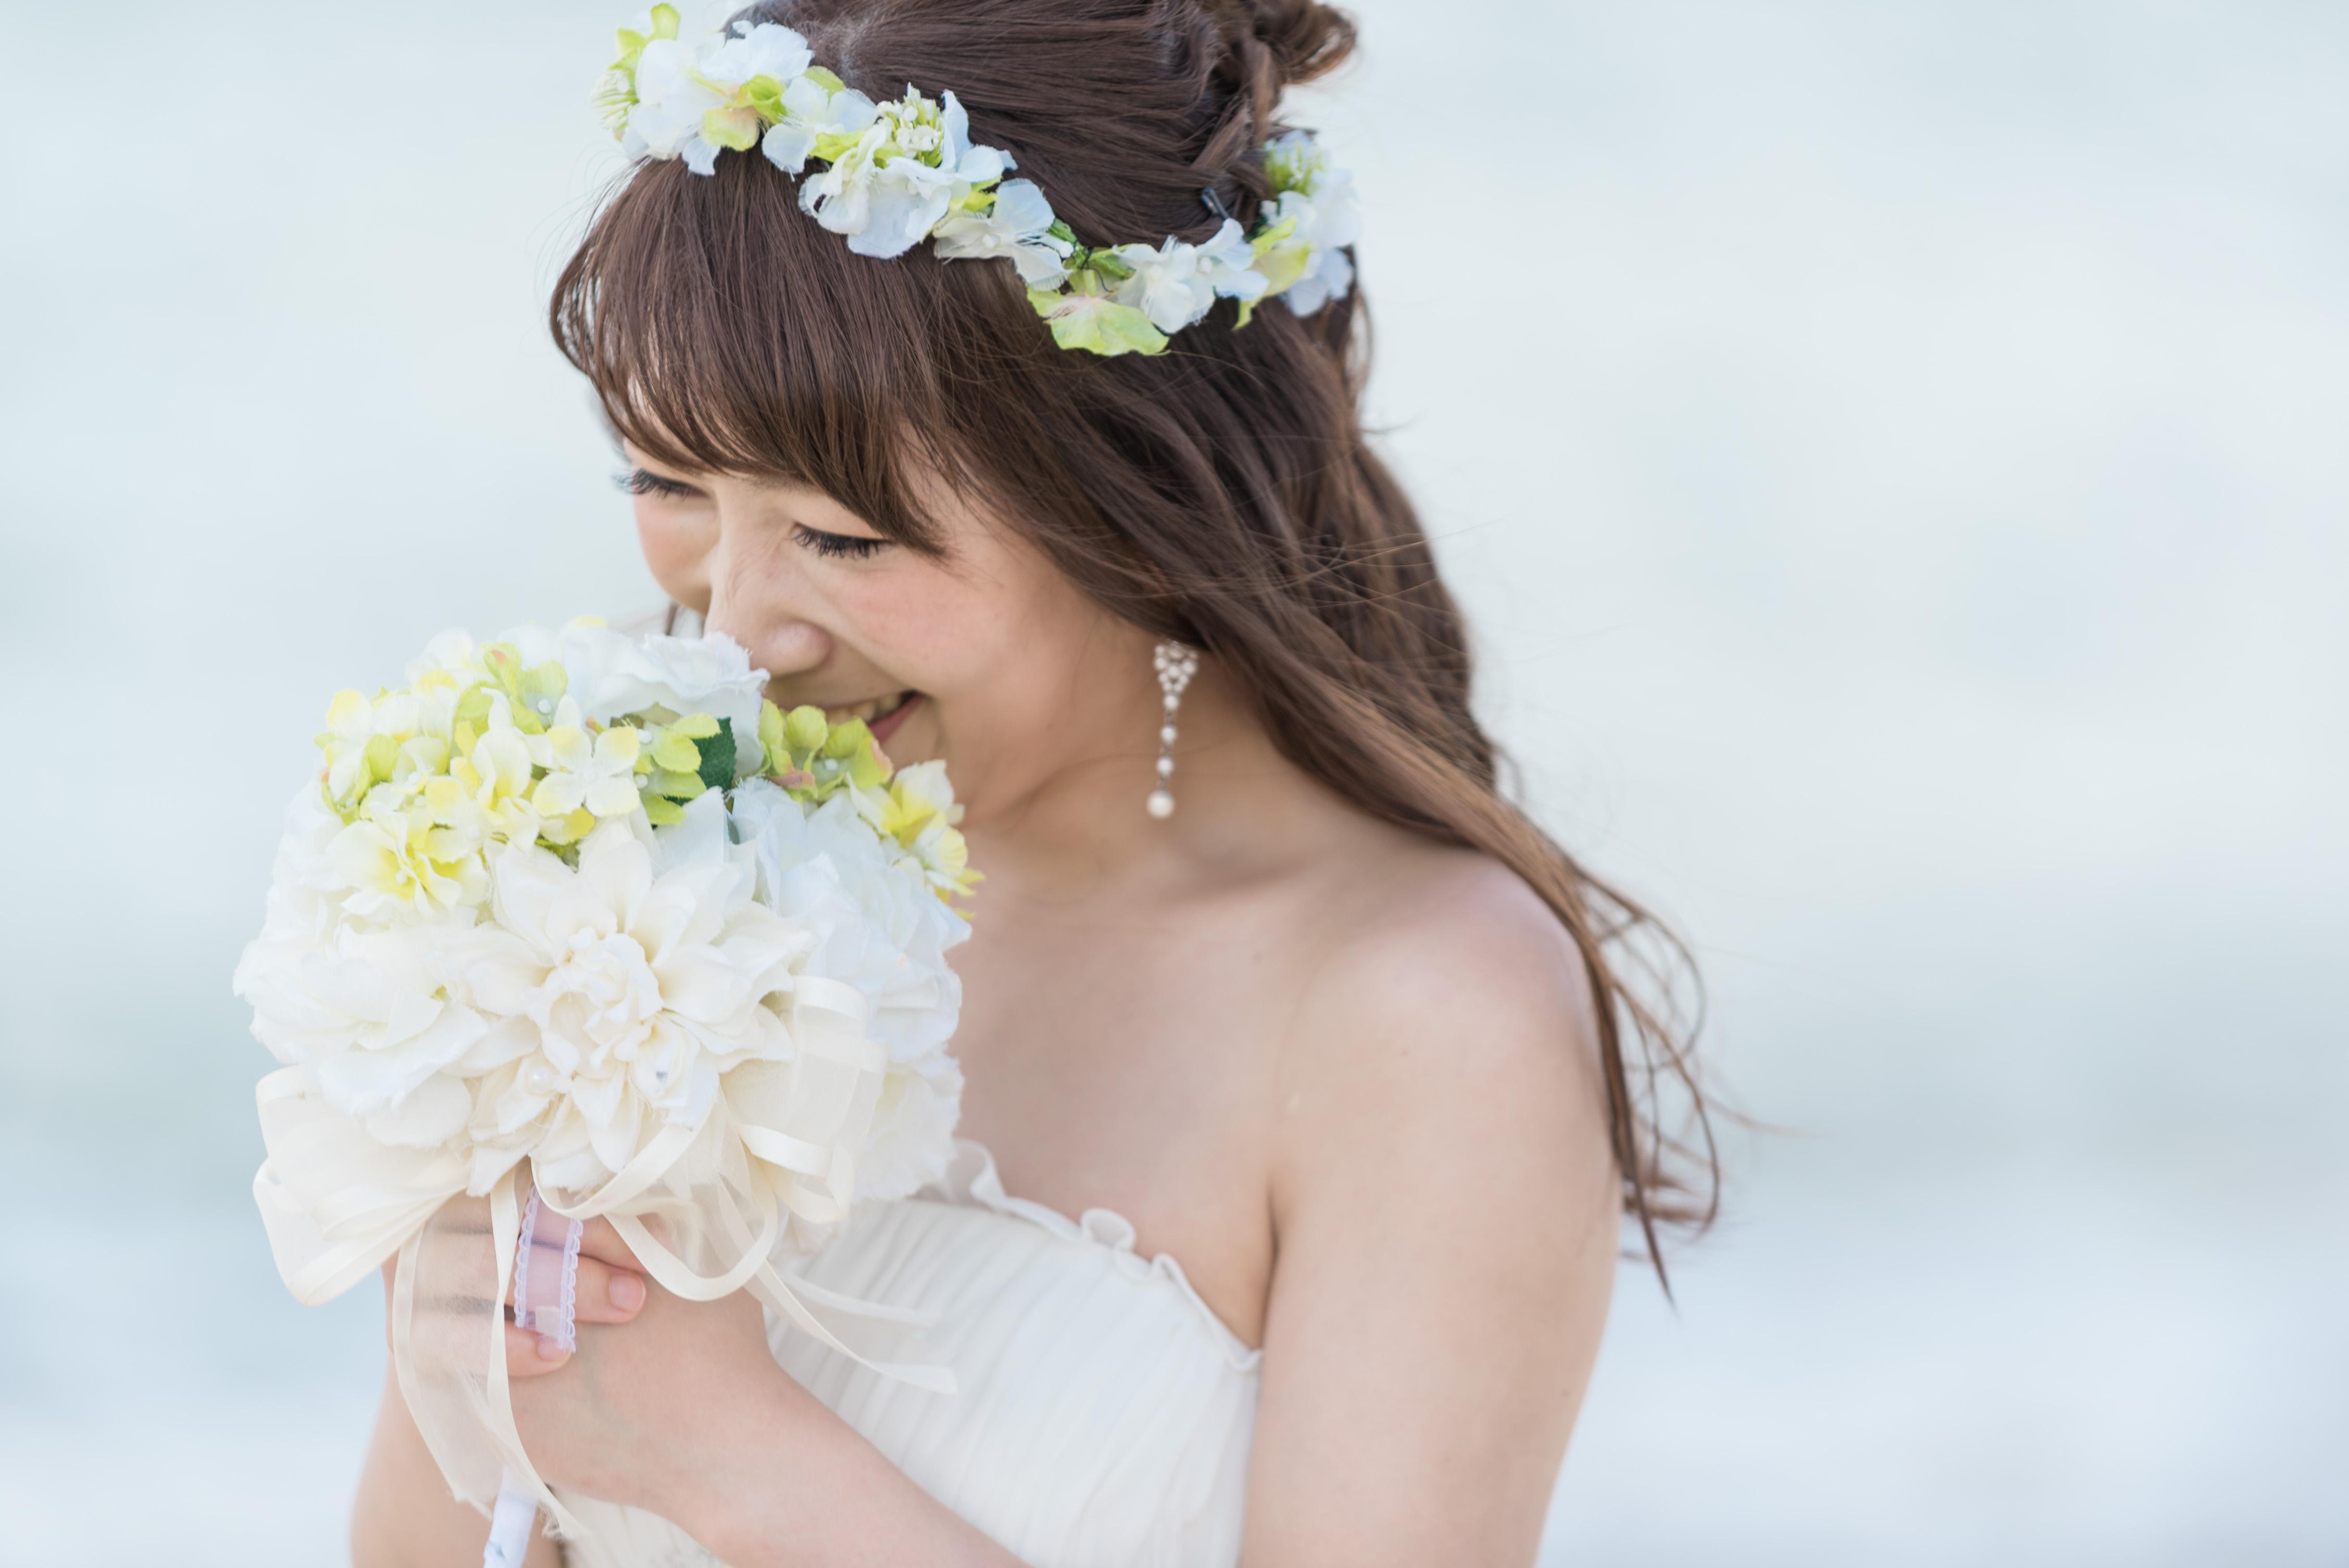 小花の花冠が似合うふんわりダウンヘアが風になびいて沖縄のビーチフォトによく似合う